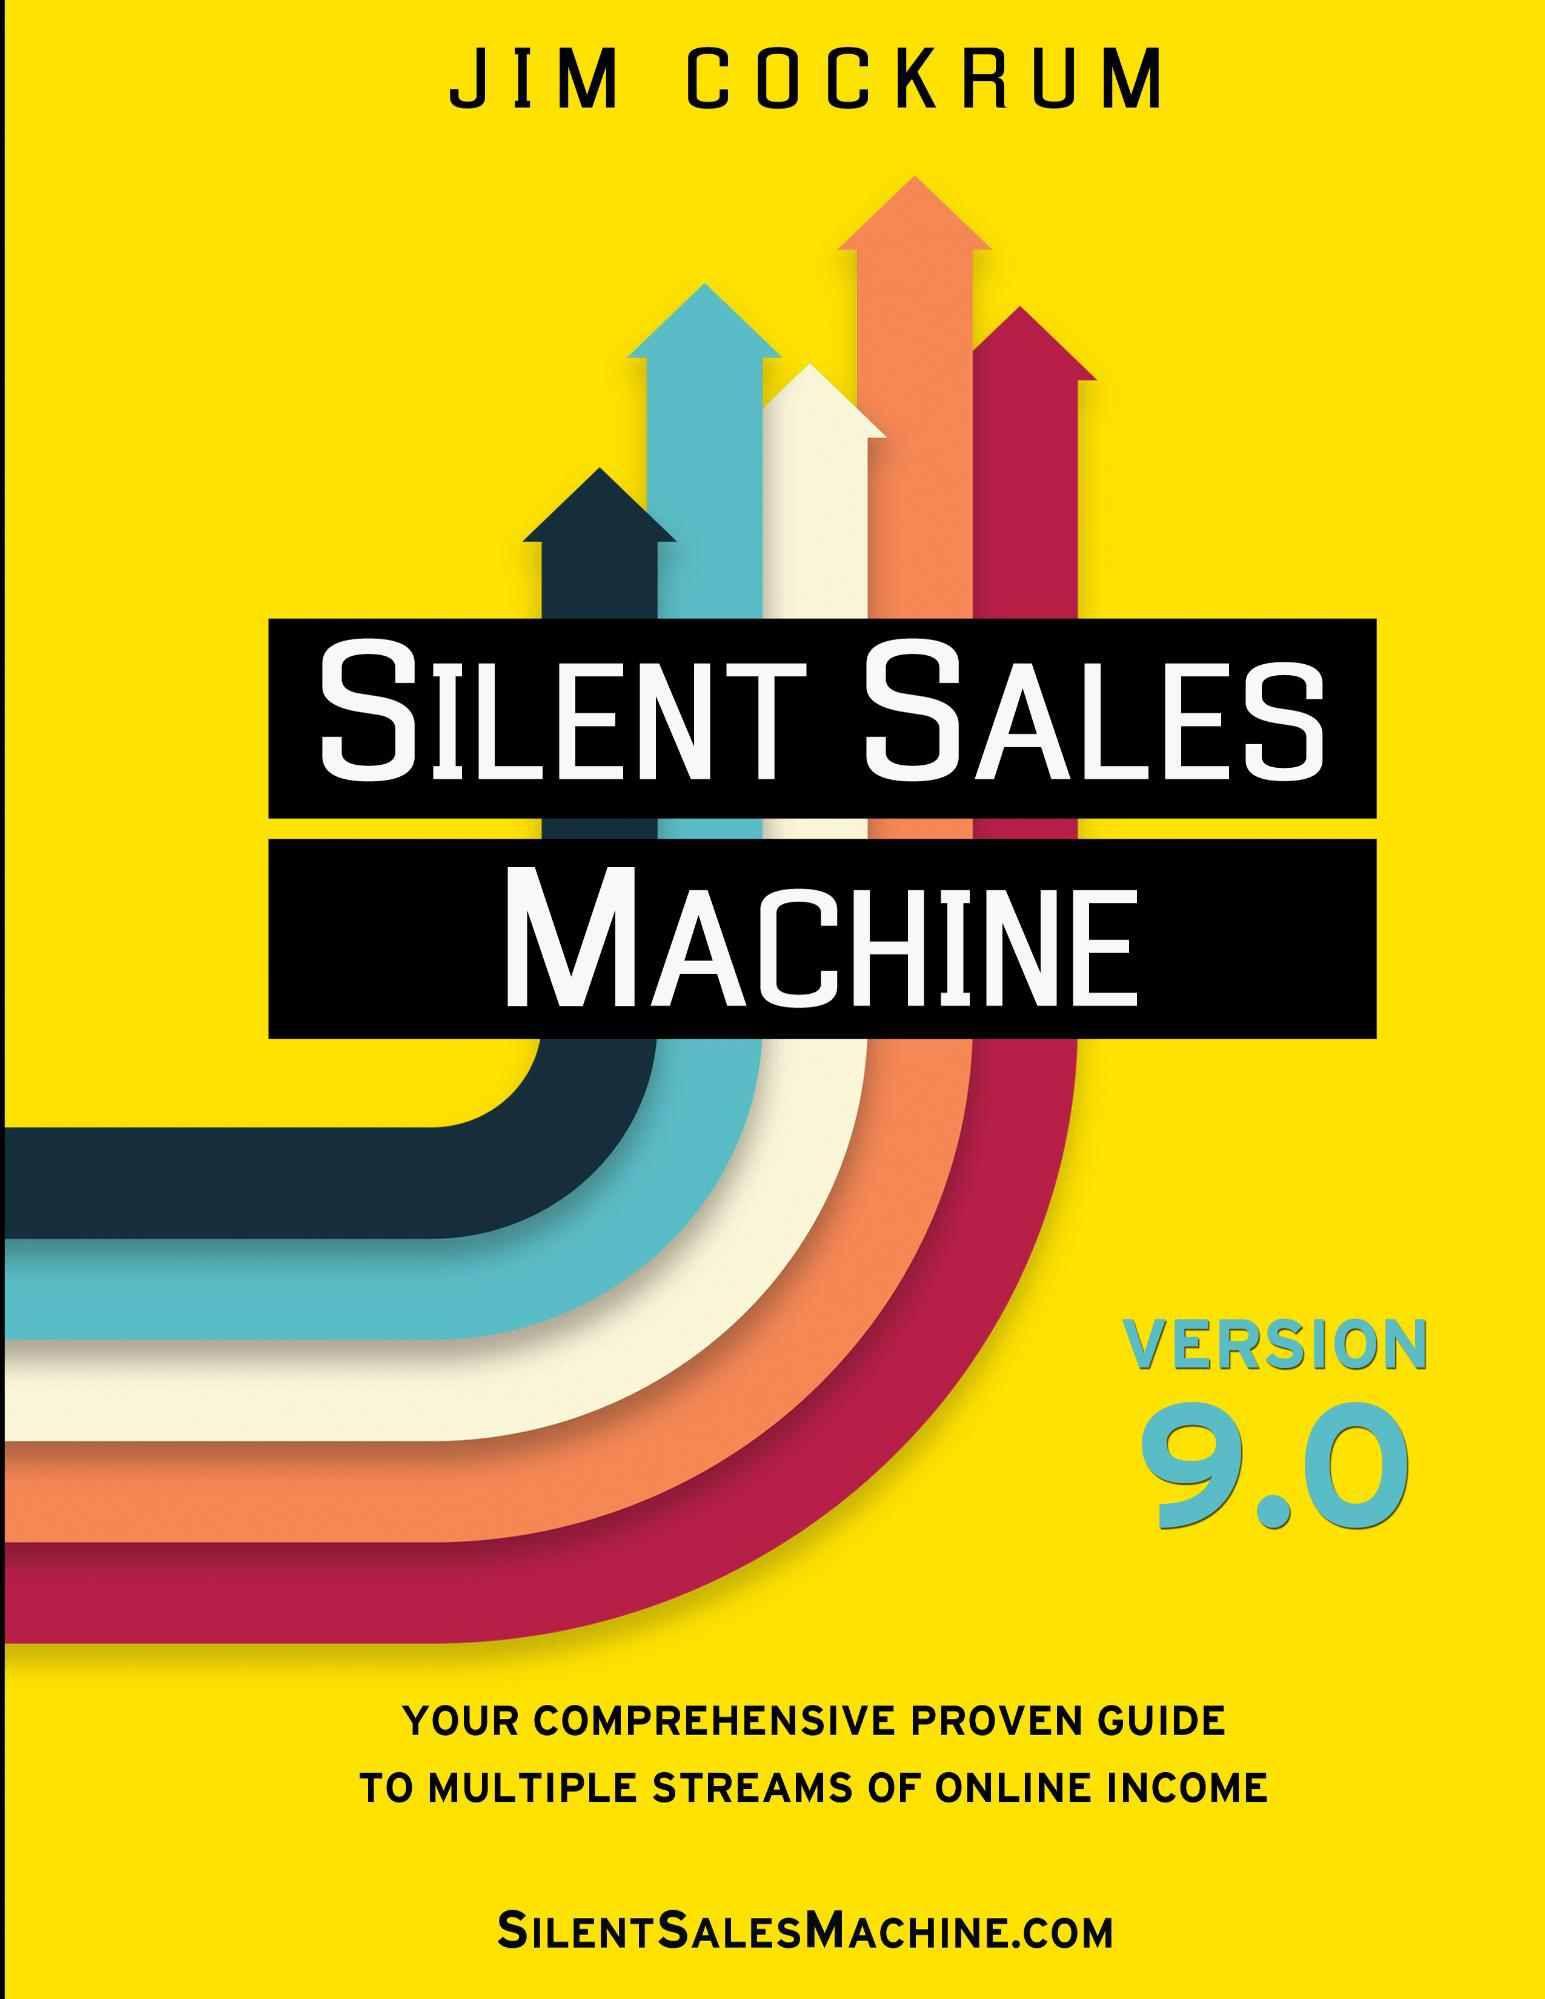 教你如何多途径通过网络赚钱的入门指南(Silent Sales Machine)